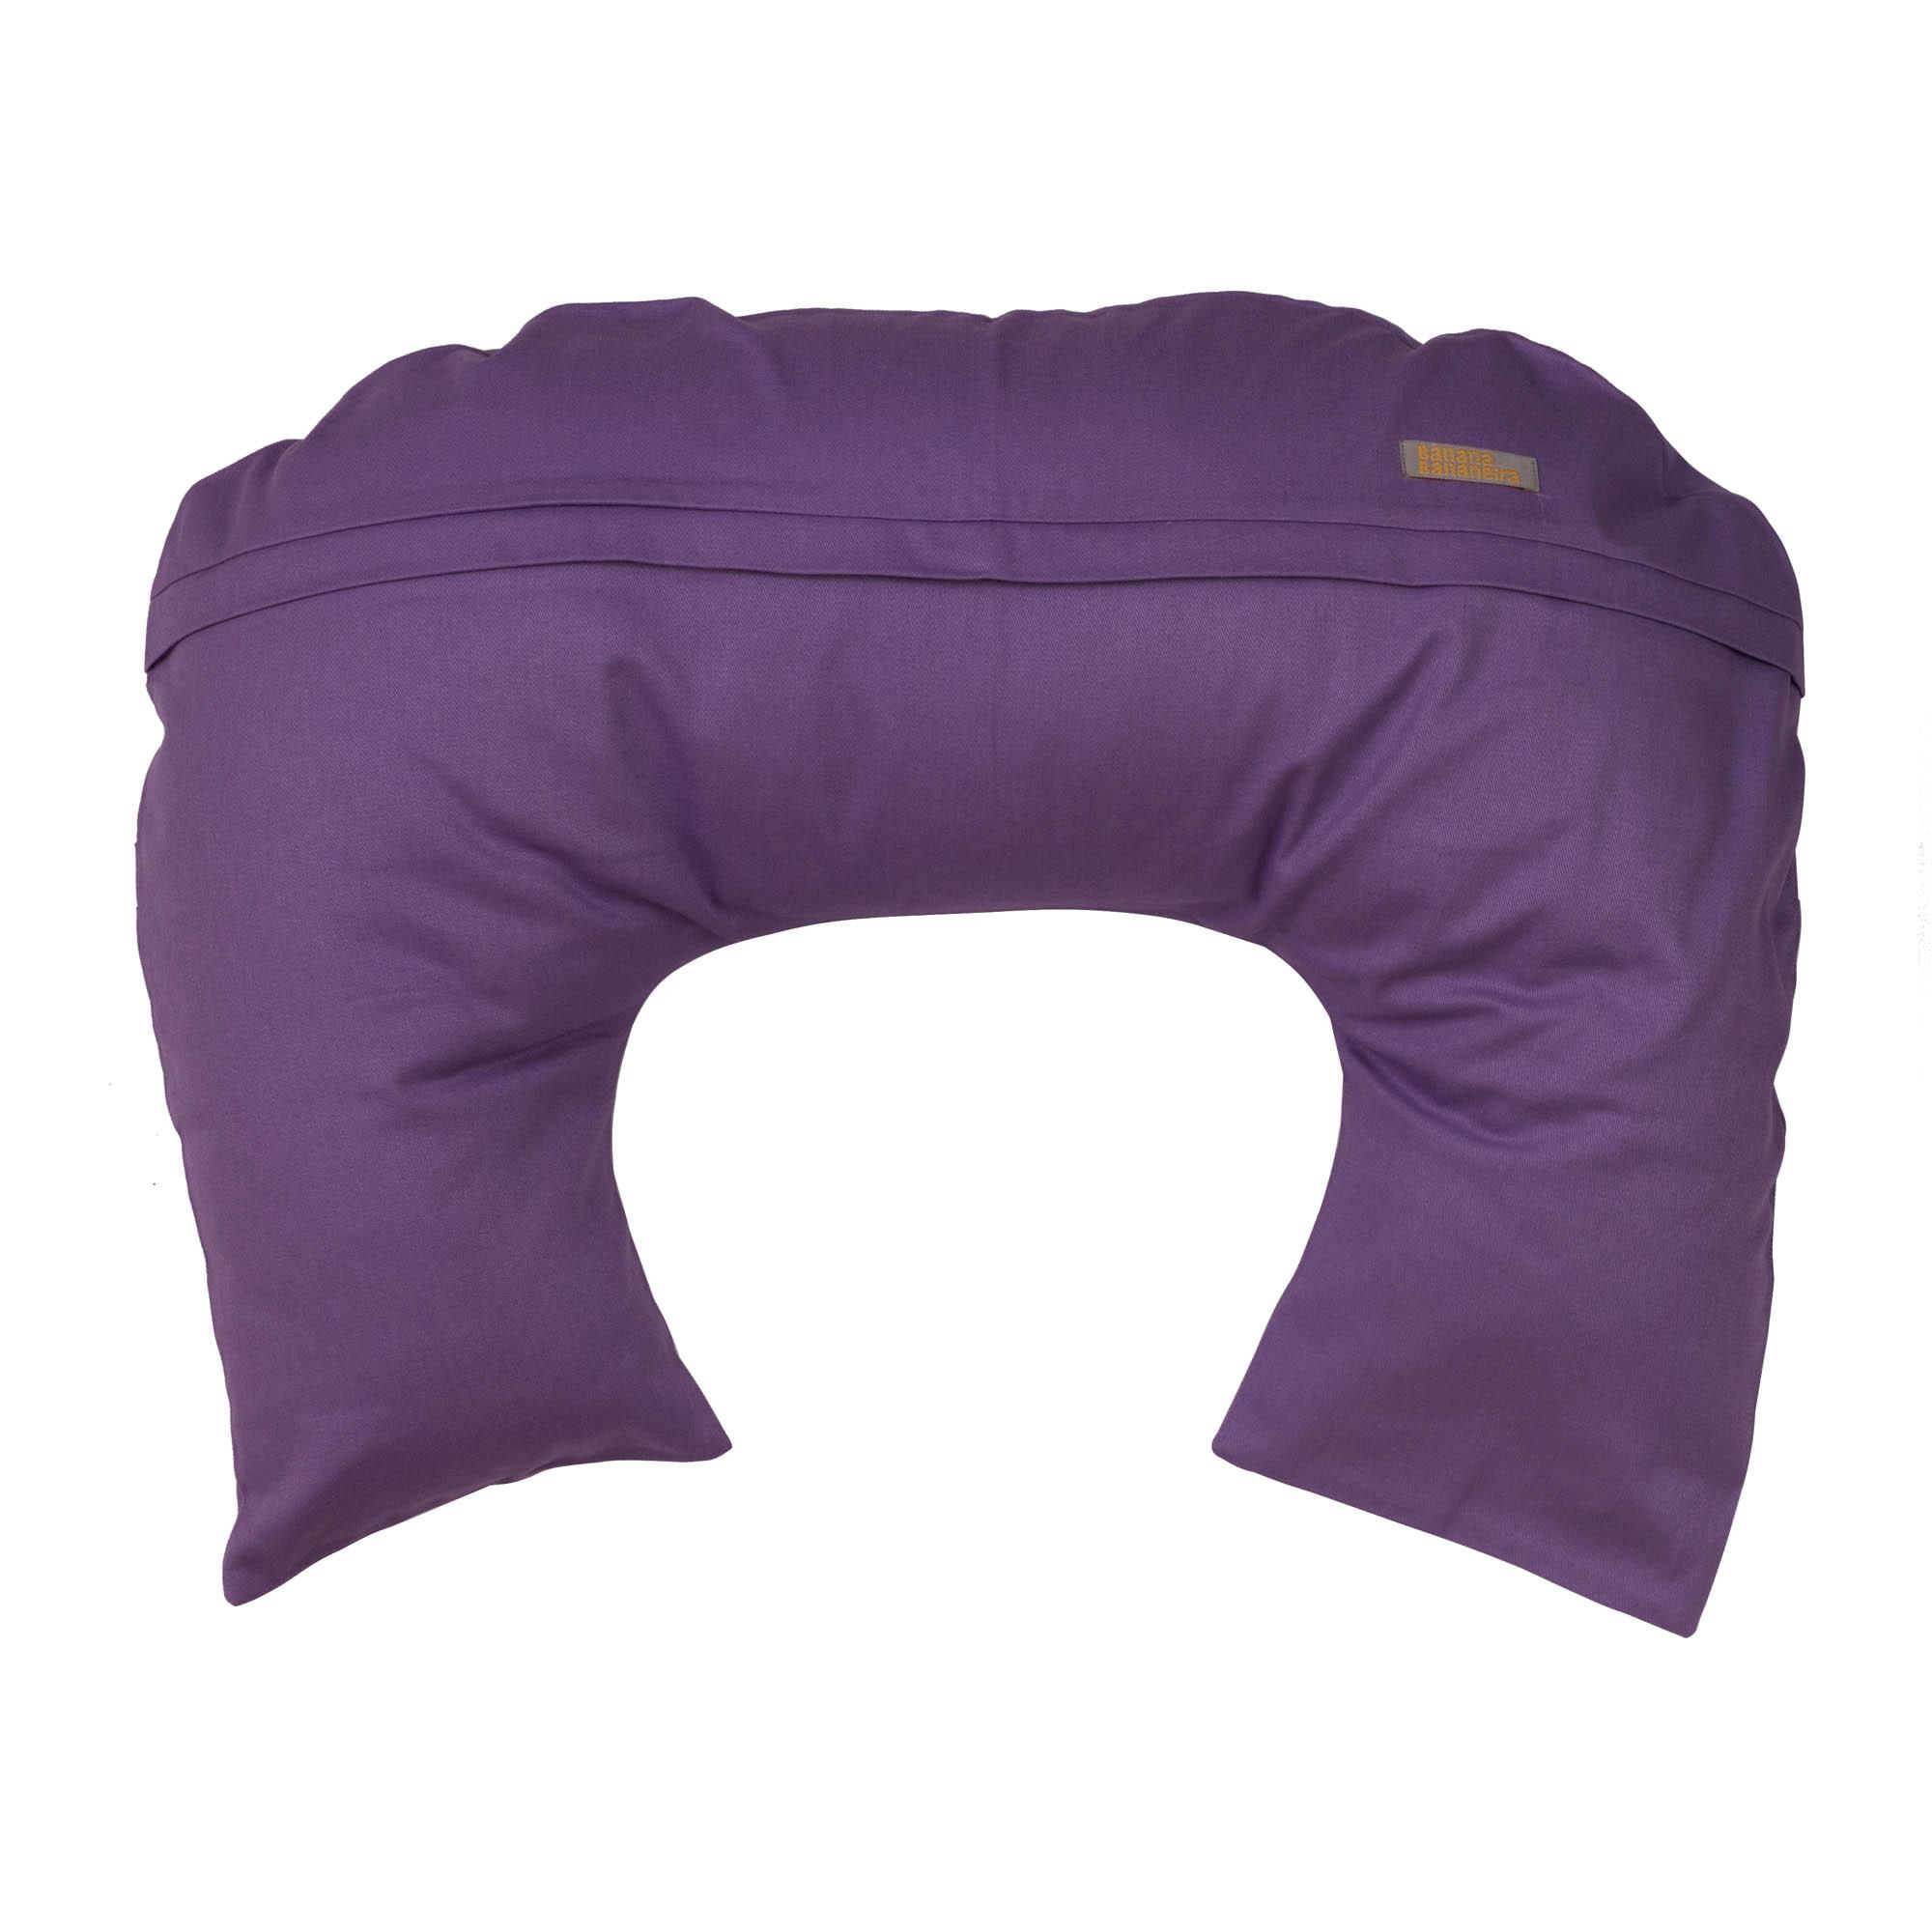 Almofada de amamentação lilás